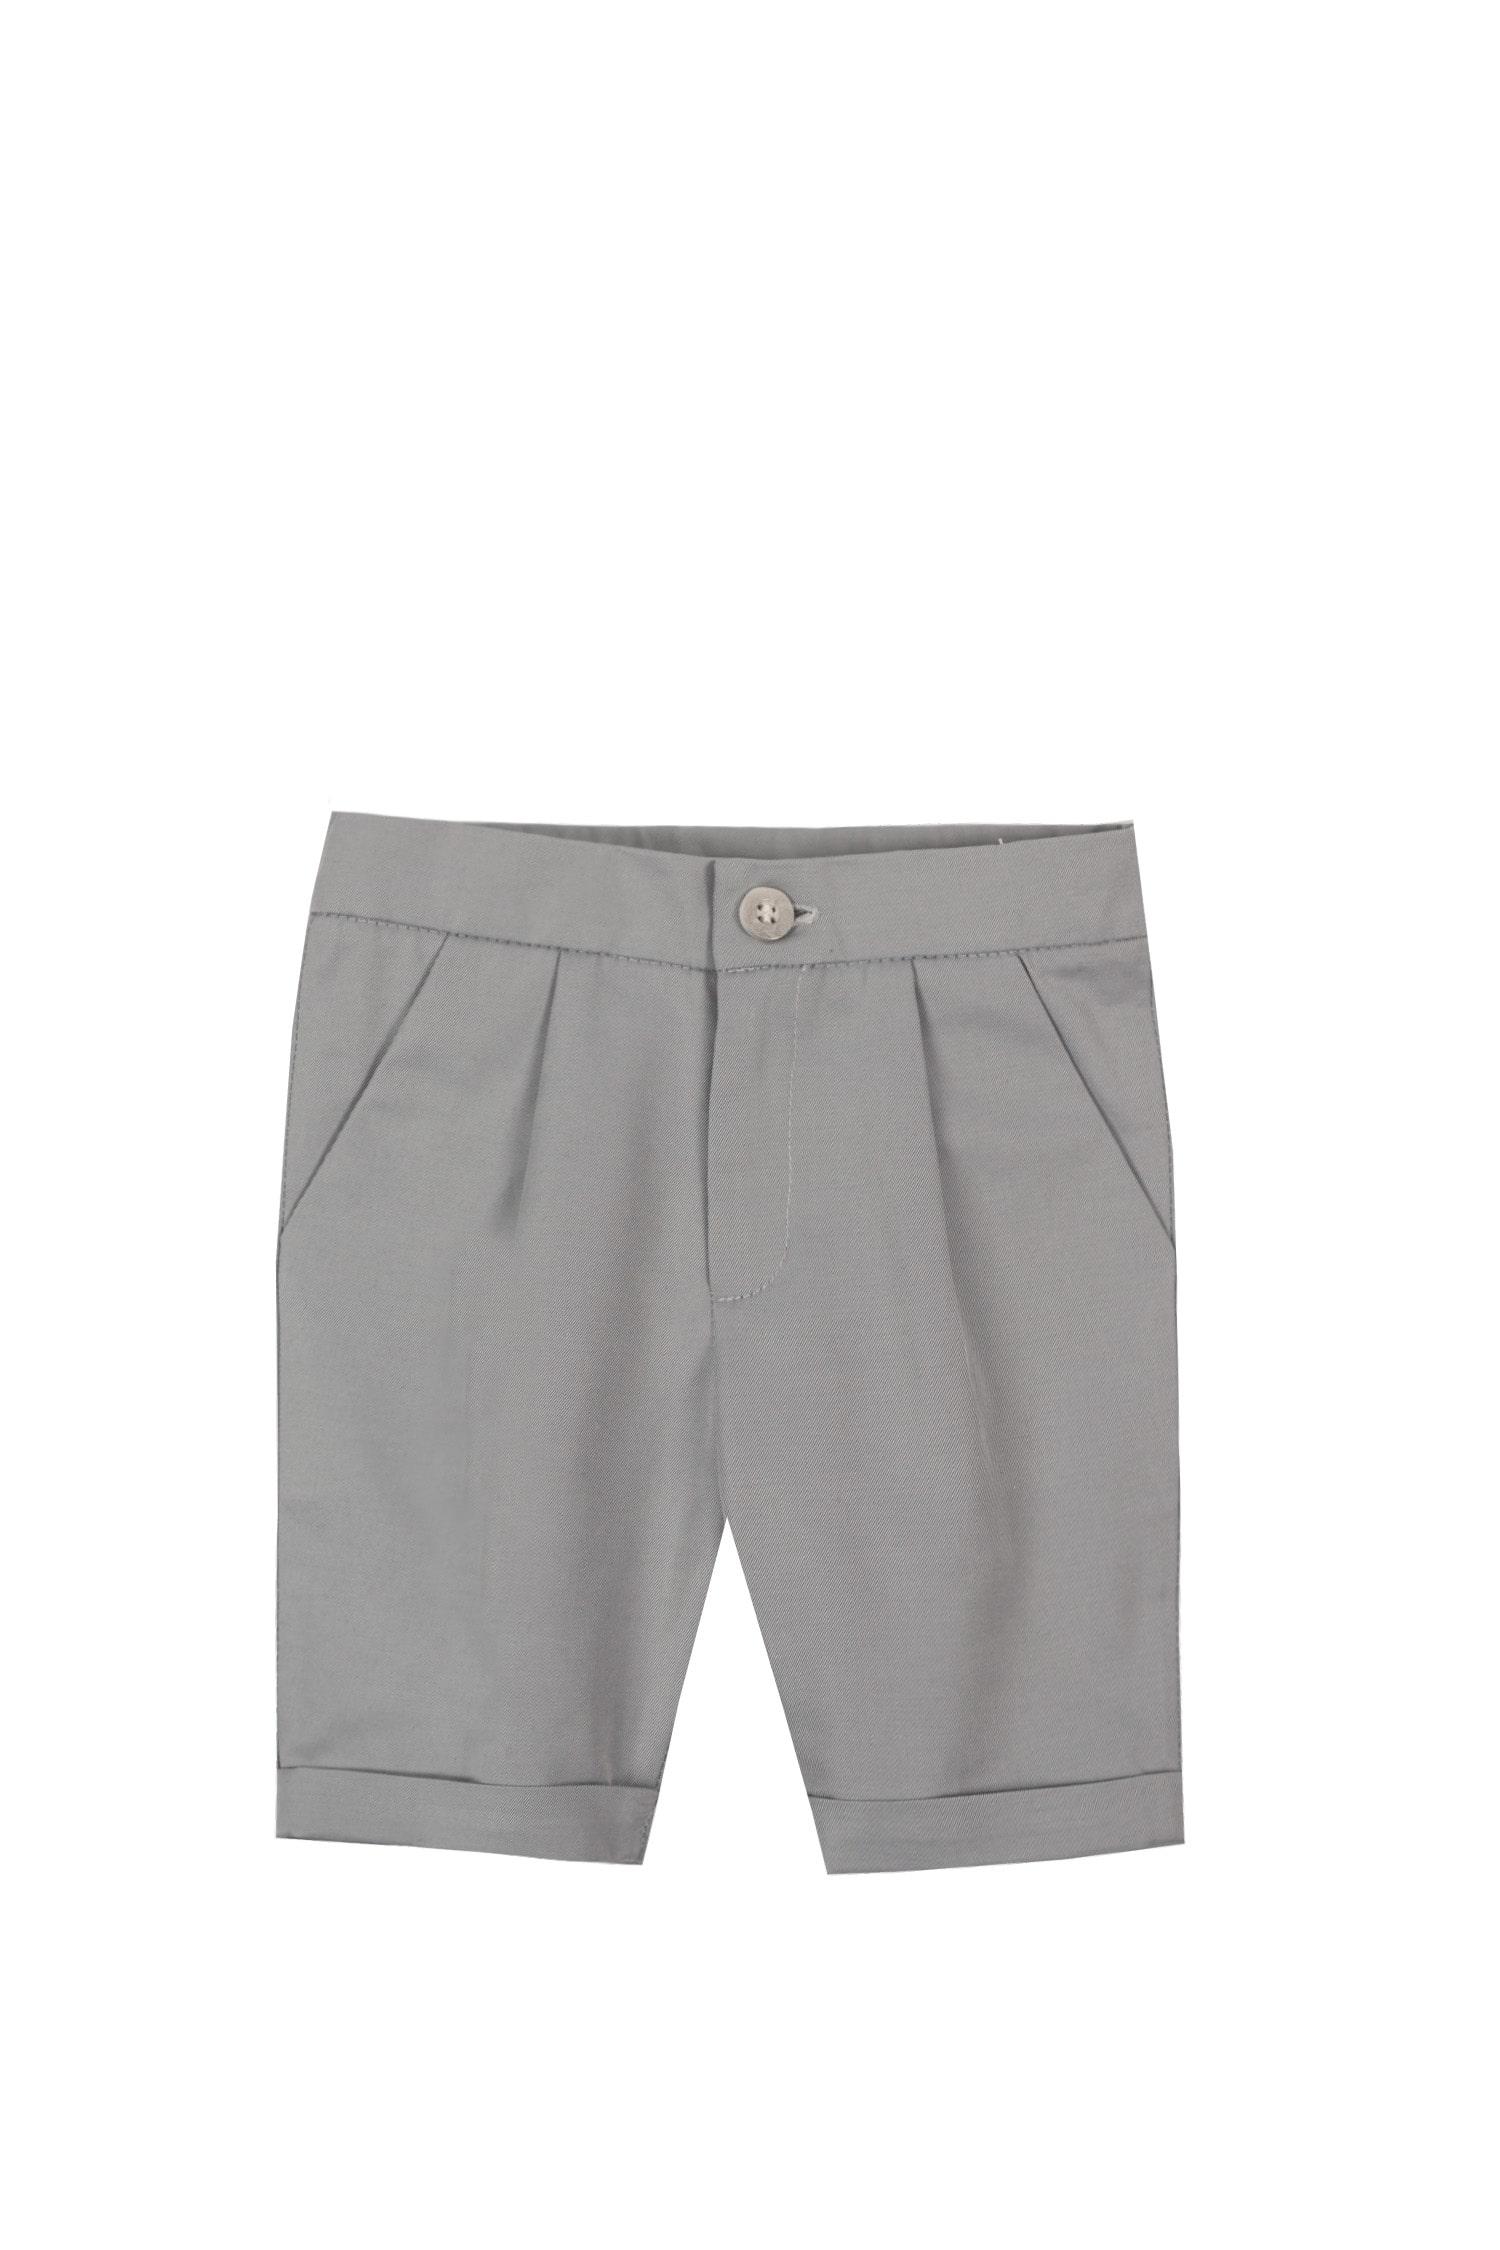 Pantaloni pentru bebeluși Fabio gri